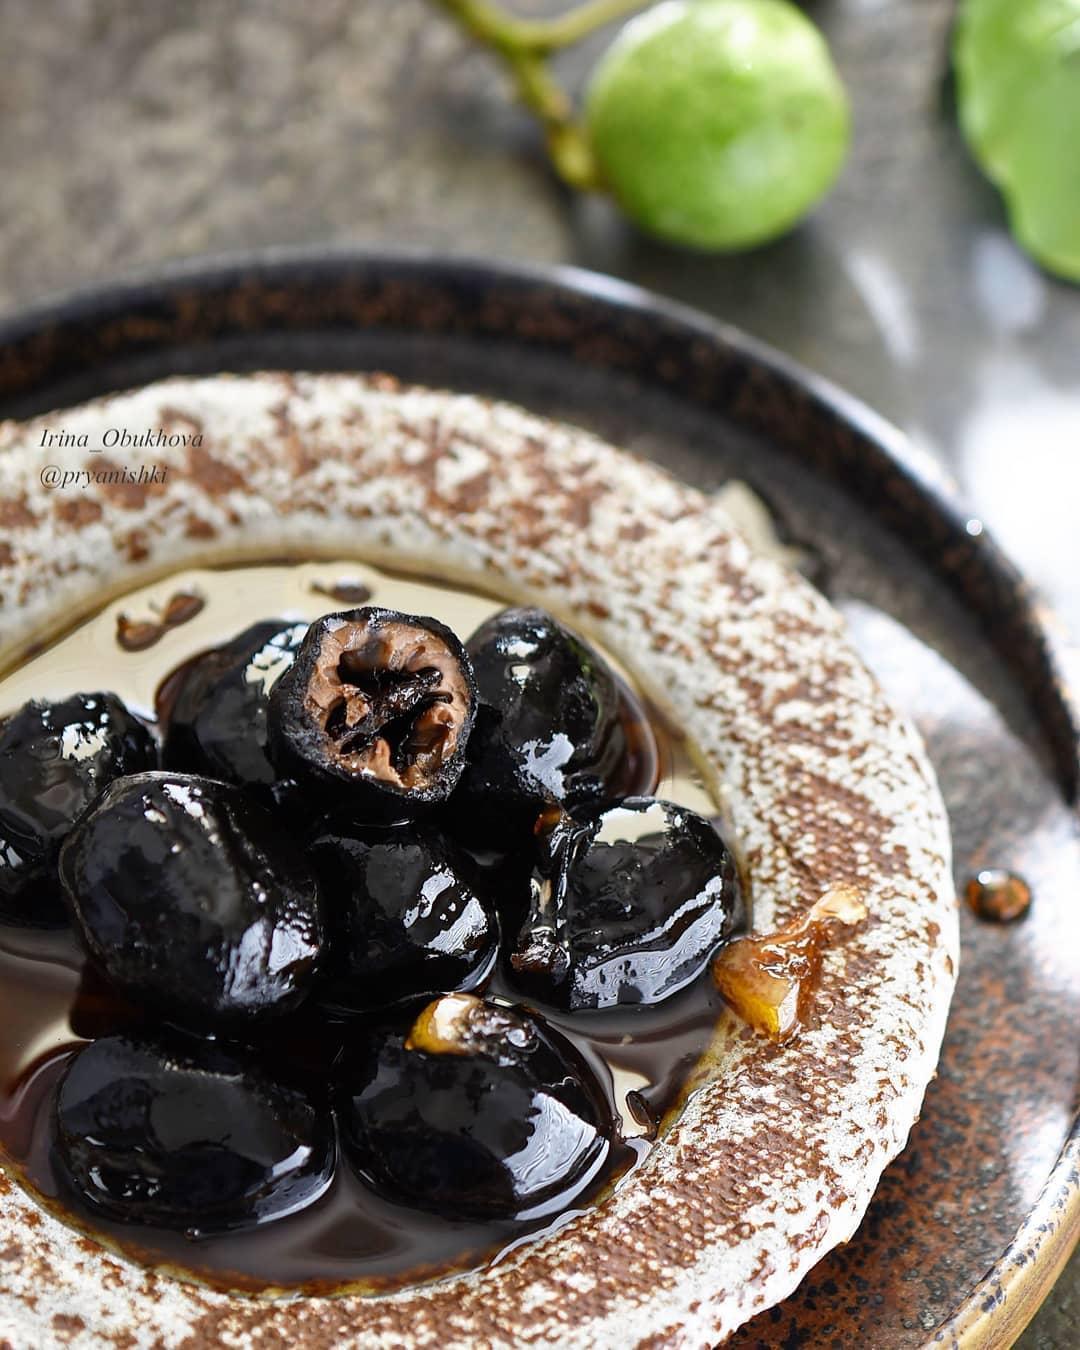 Особенности приготовления варенья из грецких орехов — рецепты и хитрости, польза и противопоказания